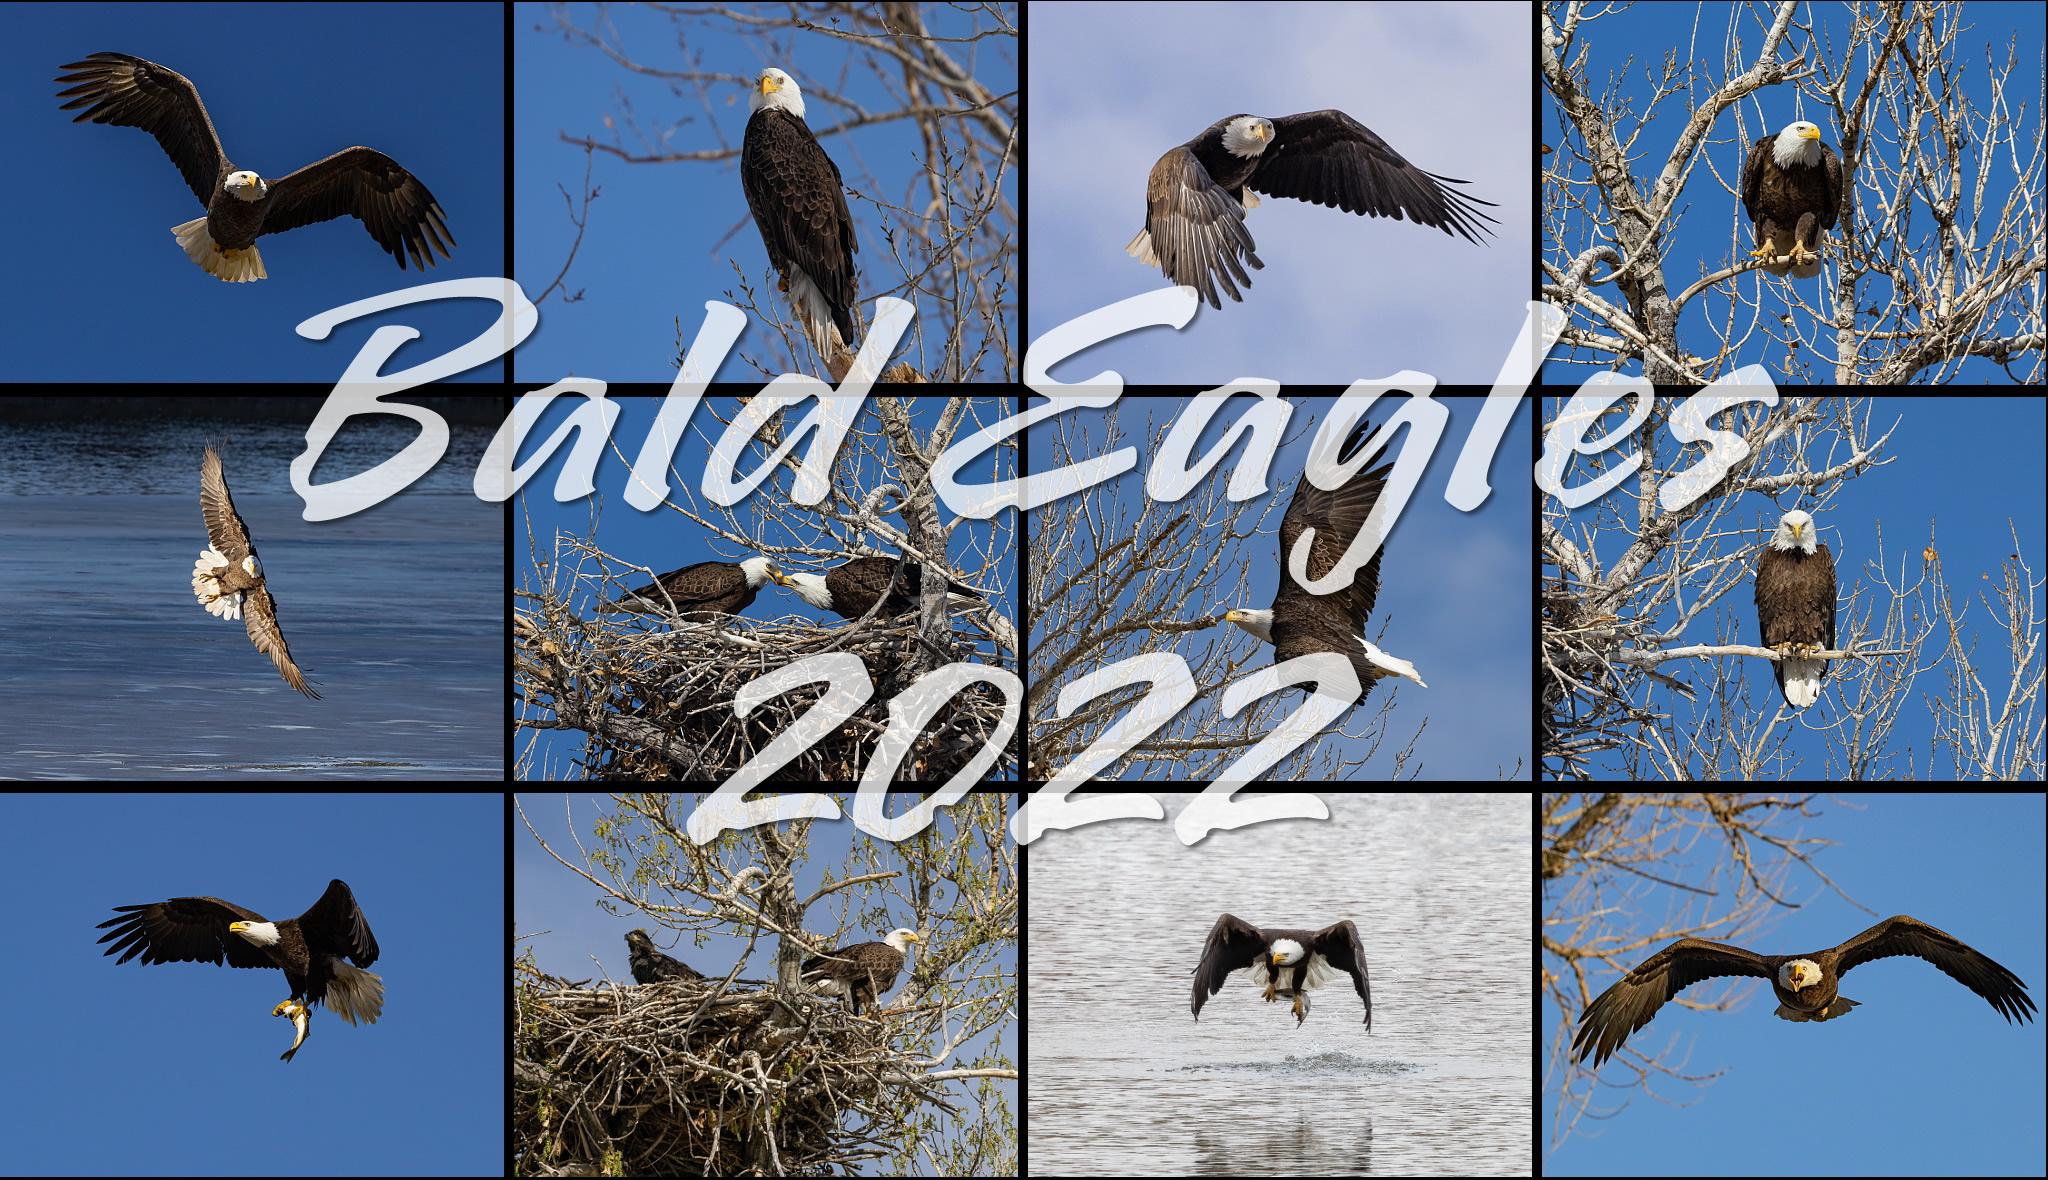 Bald eagles 2022 calendar